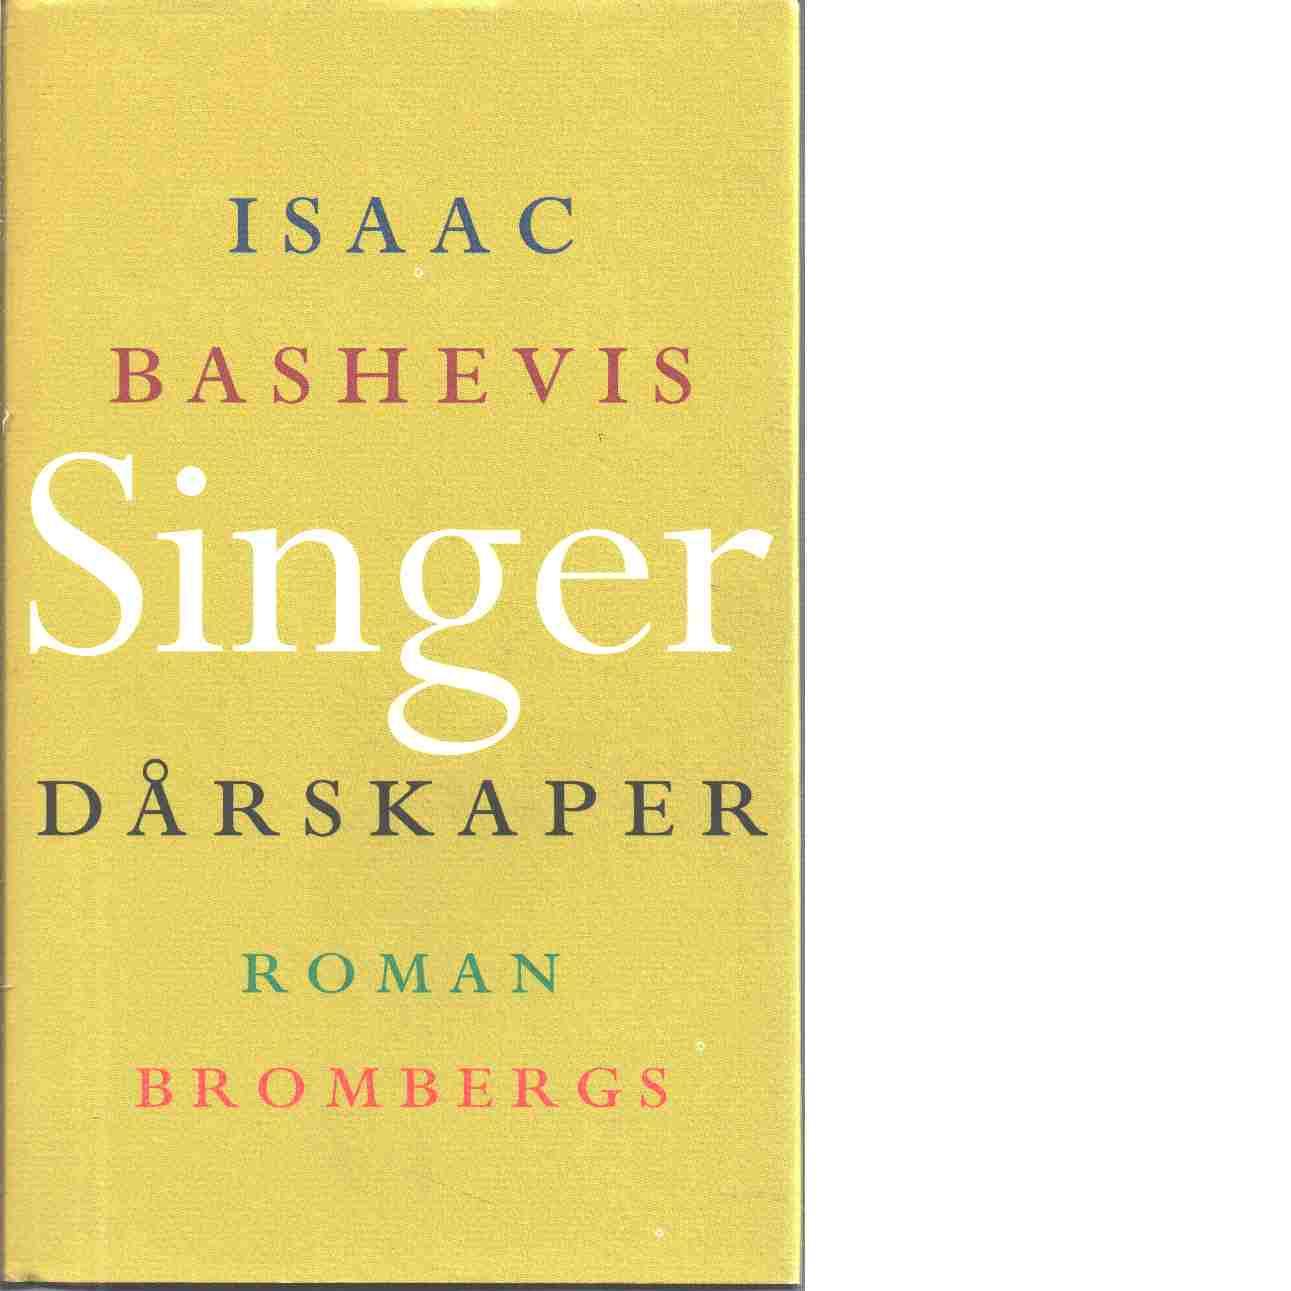 Dårskaper - Singer, Isaac Bashevis